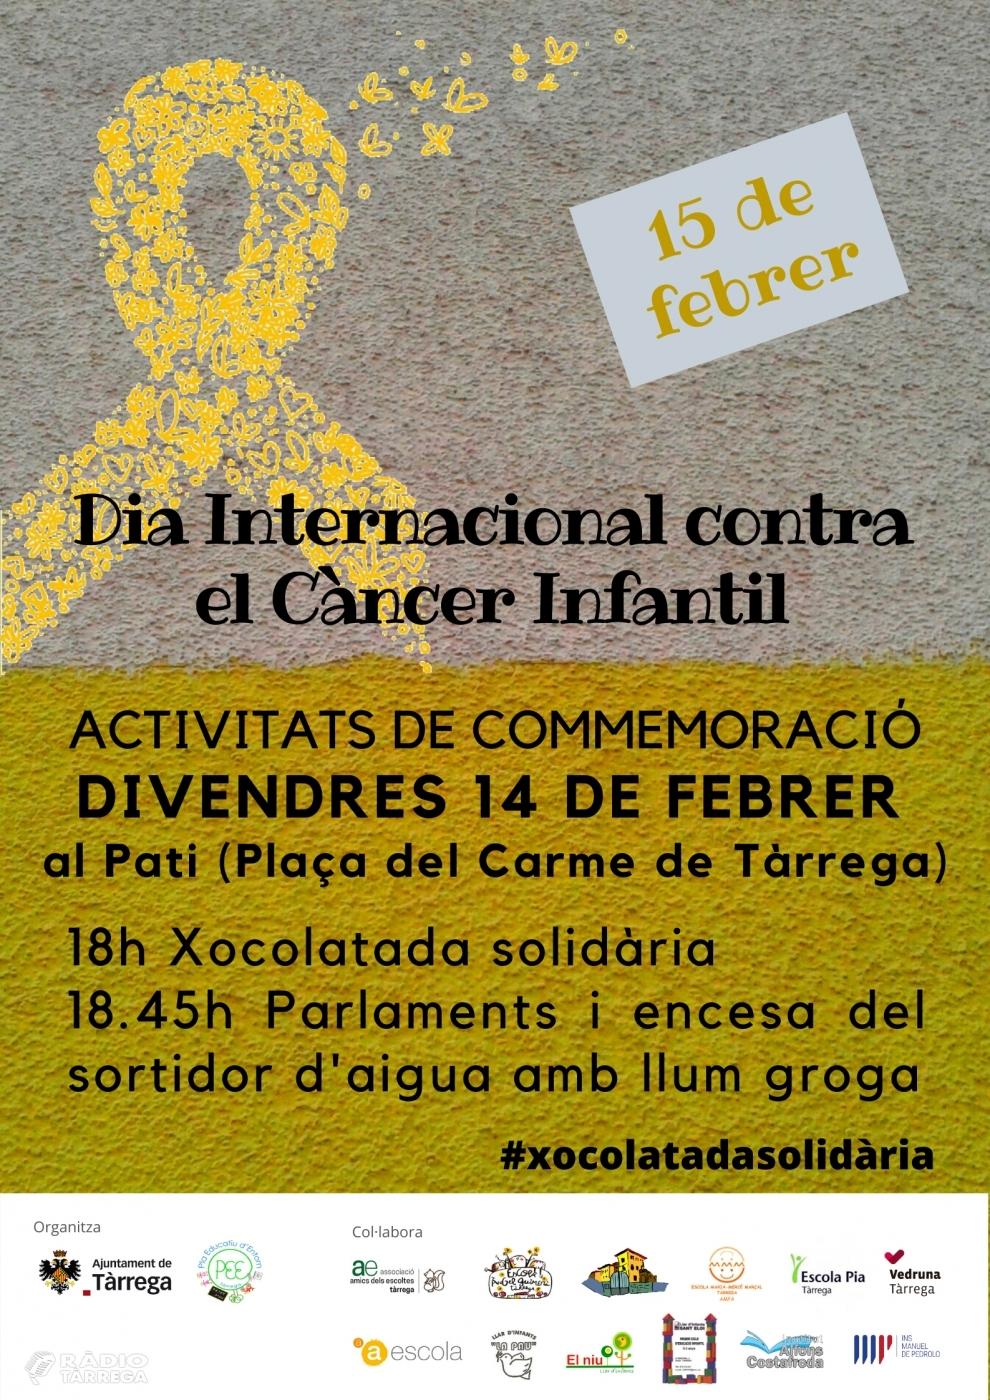 Tàrrega organitza el divendres 14 de febrer un acte solidari contra el càncer infantil